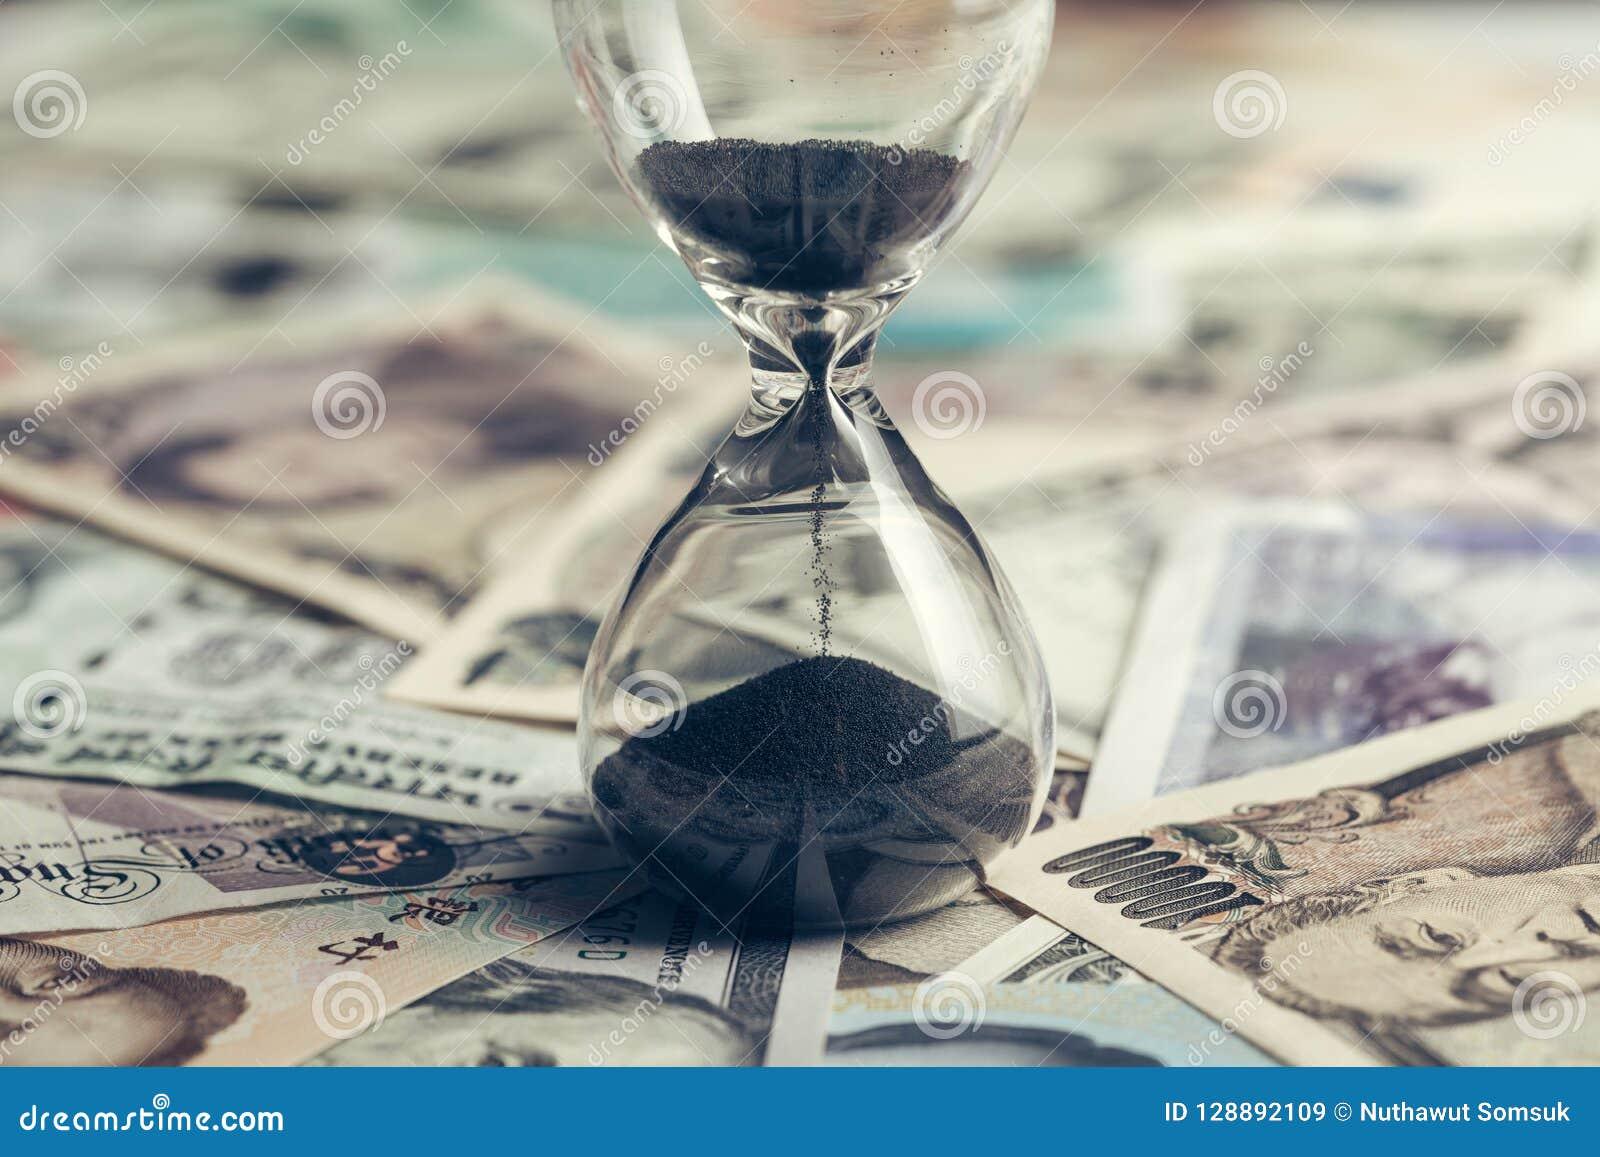 Χρονικό τρέξιμο ή μακροπρόθεσμη έννοια επένδυσης με το γυαλί άμμου ή το γυαλί ώρας σε πολλά διεθνή τραπεζογραμμάτια χωρών, αμερικ